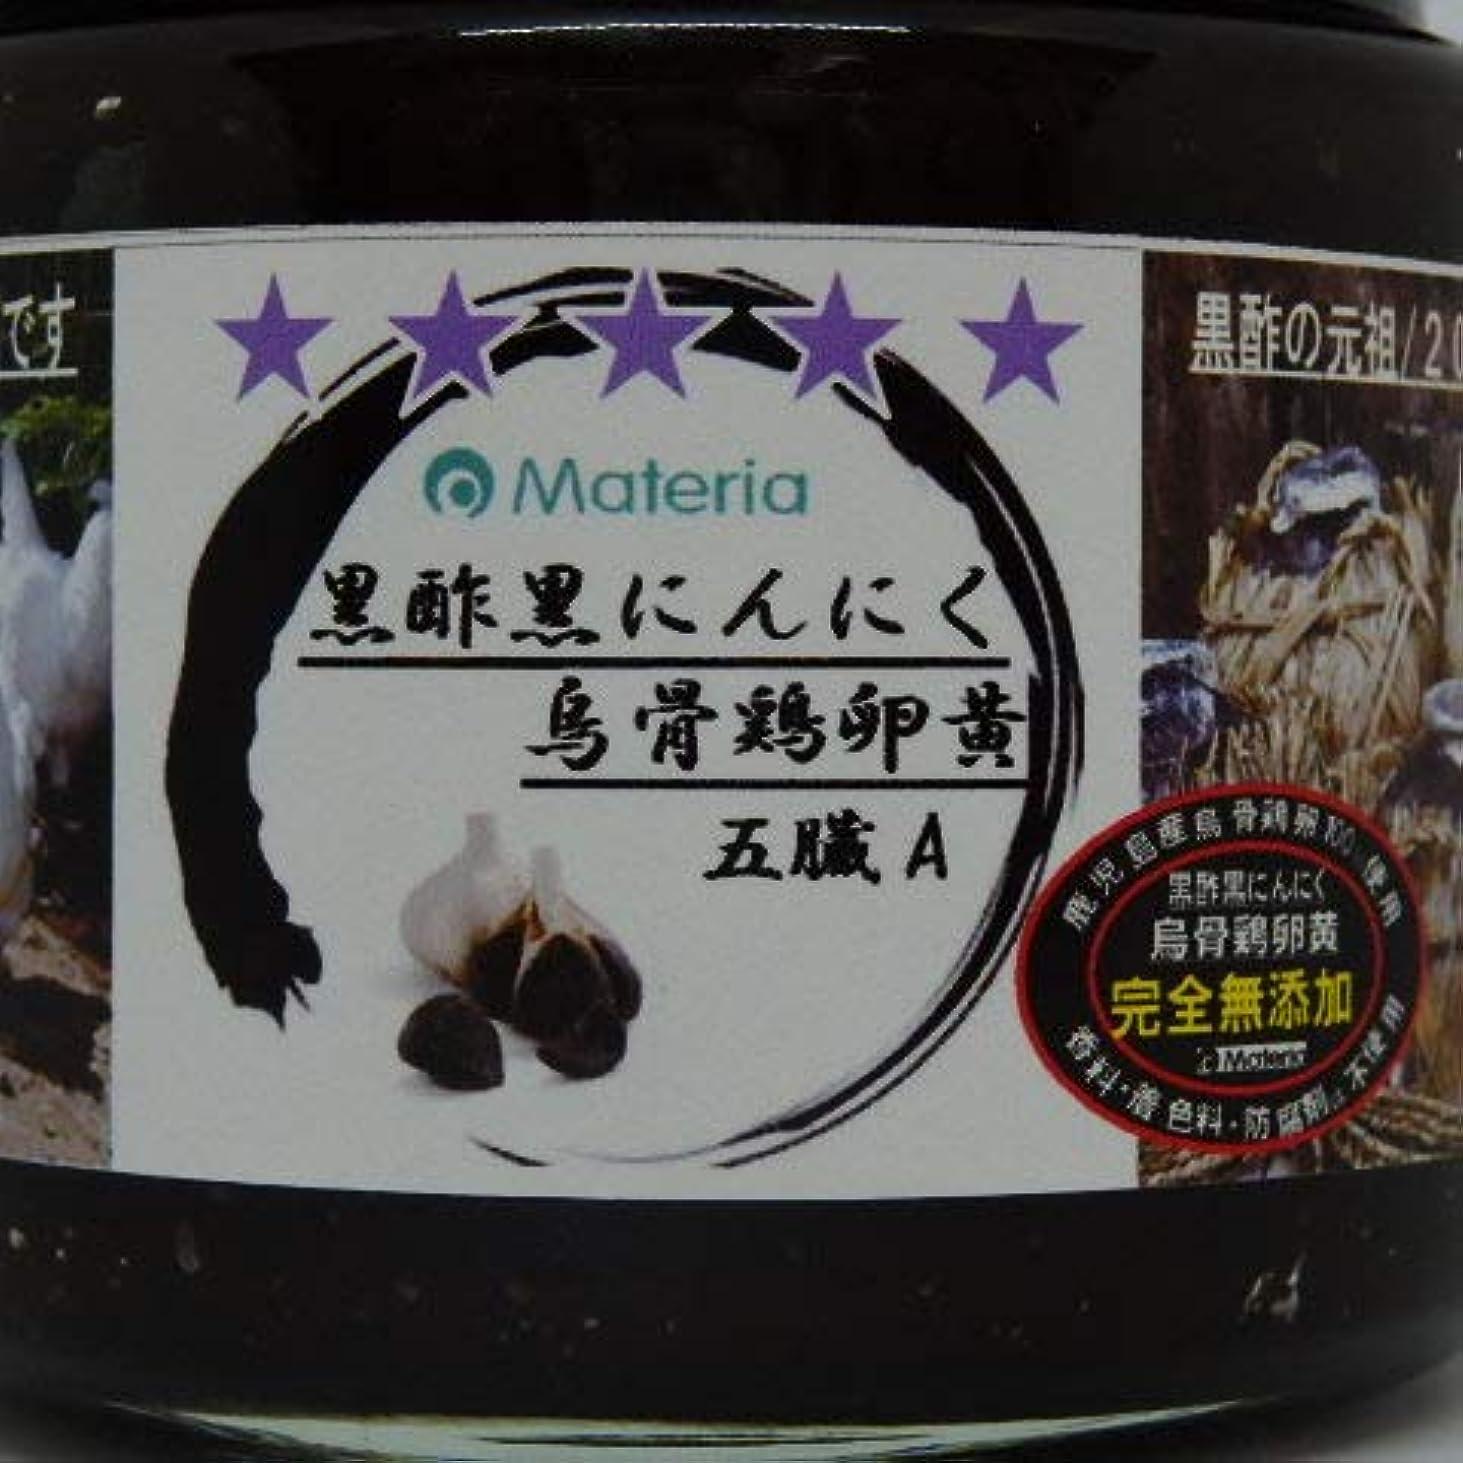 メロンひばりかなりの無添加健康食品/黒酢黒にんにく烏骨鶏卵黄/五臓系ペ-スト早溶150g(1月分)¥11,600